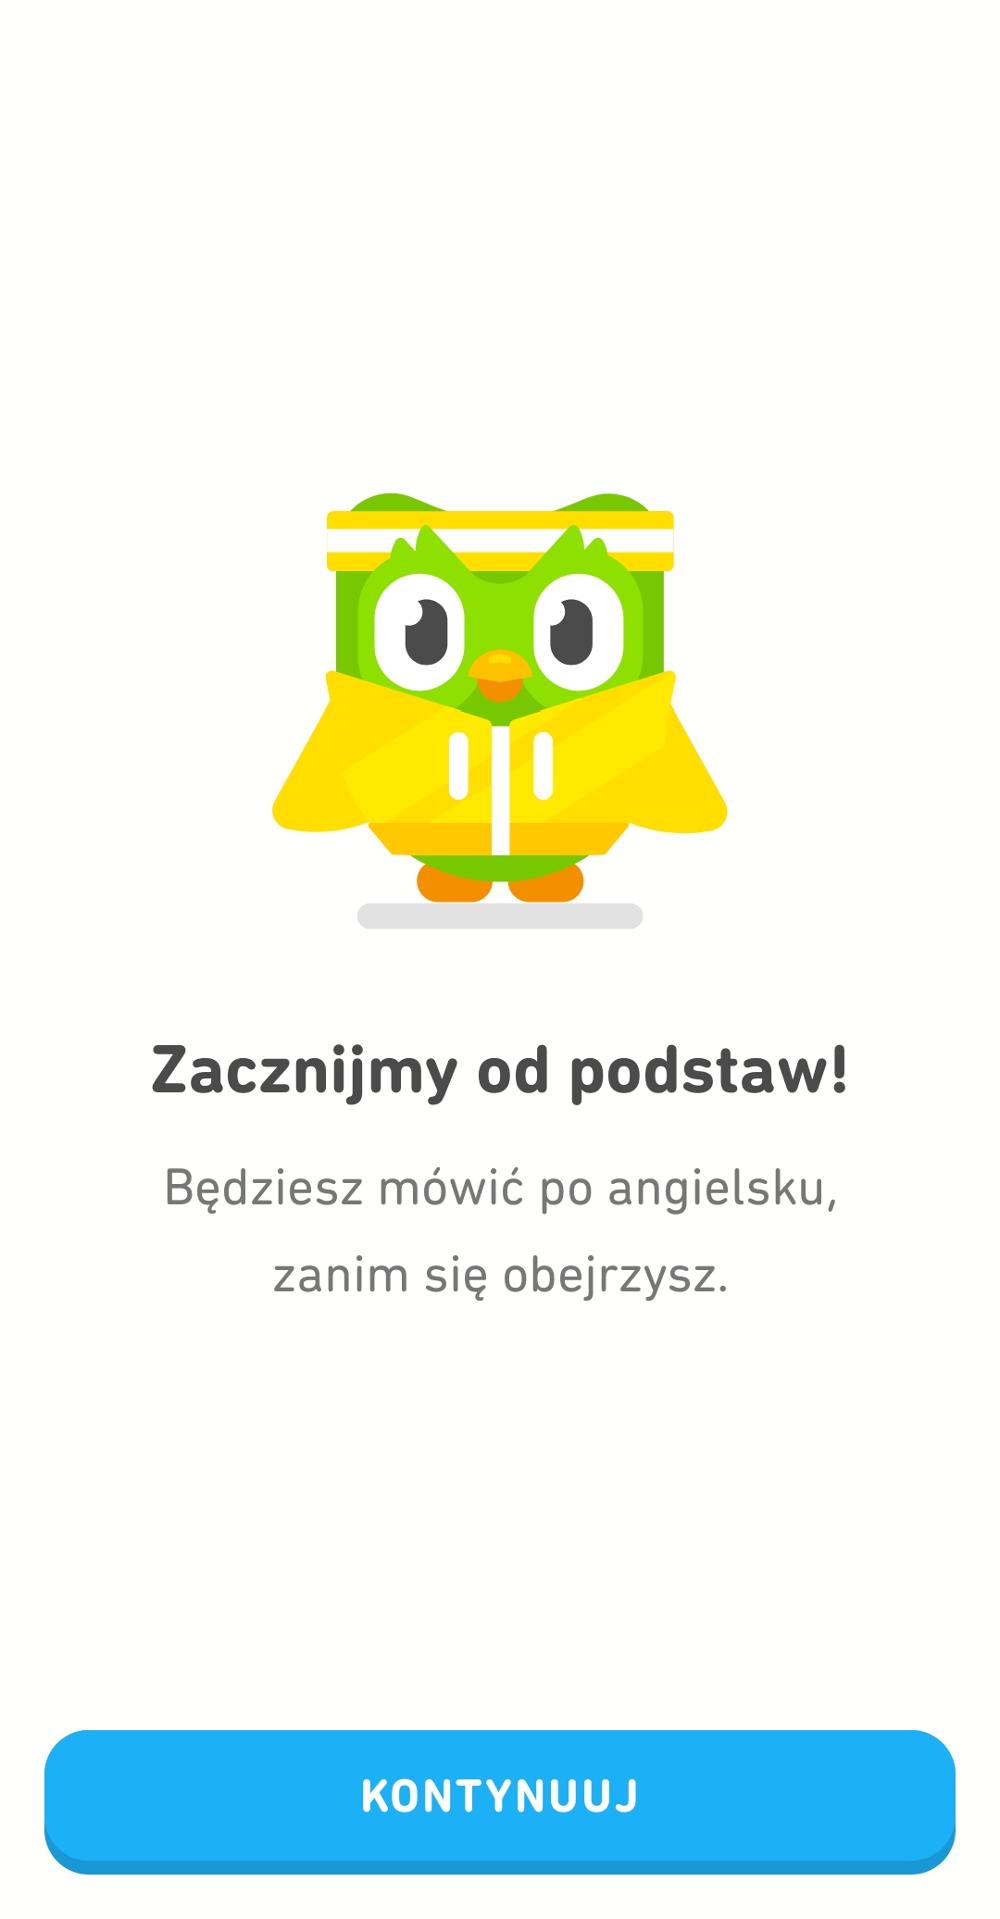 Aplikacja Duolingo do nauki języków obcych.